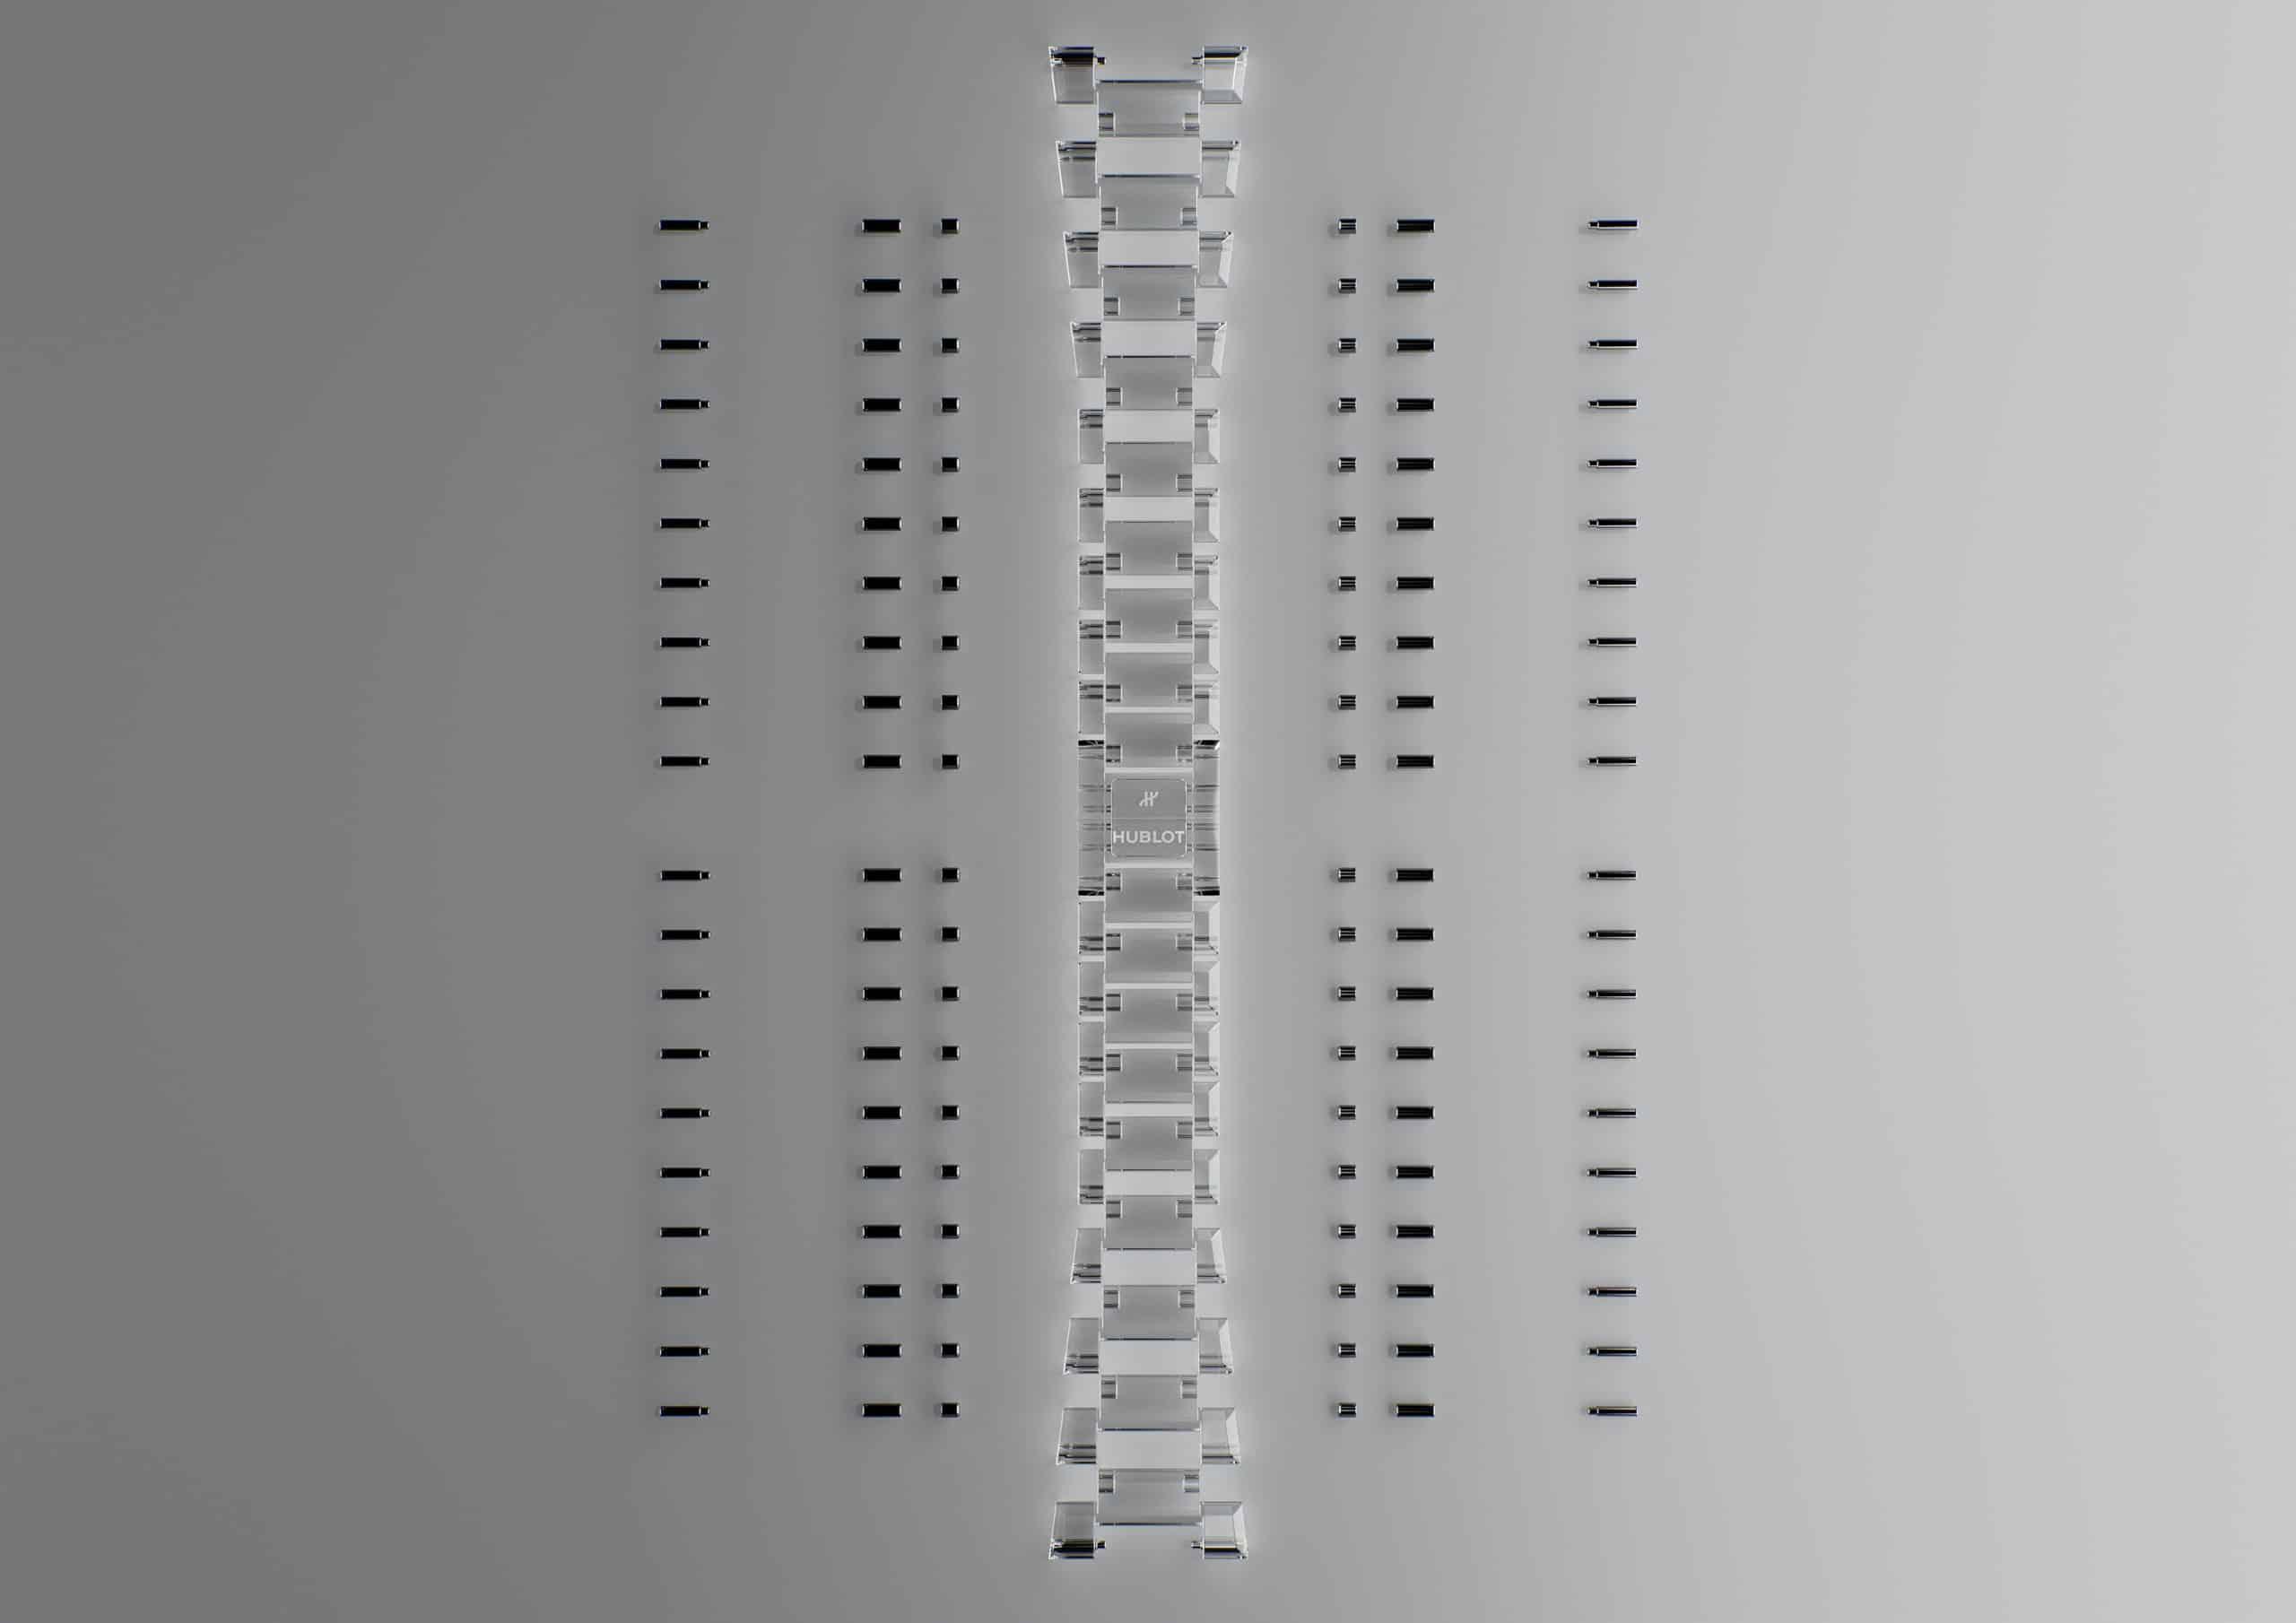 Einzelteile des Saphir-Armbands der Hublot Full Sapphire